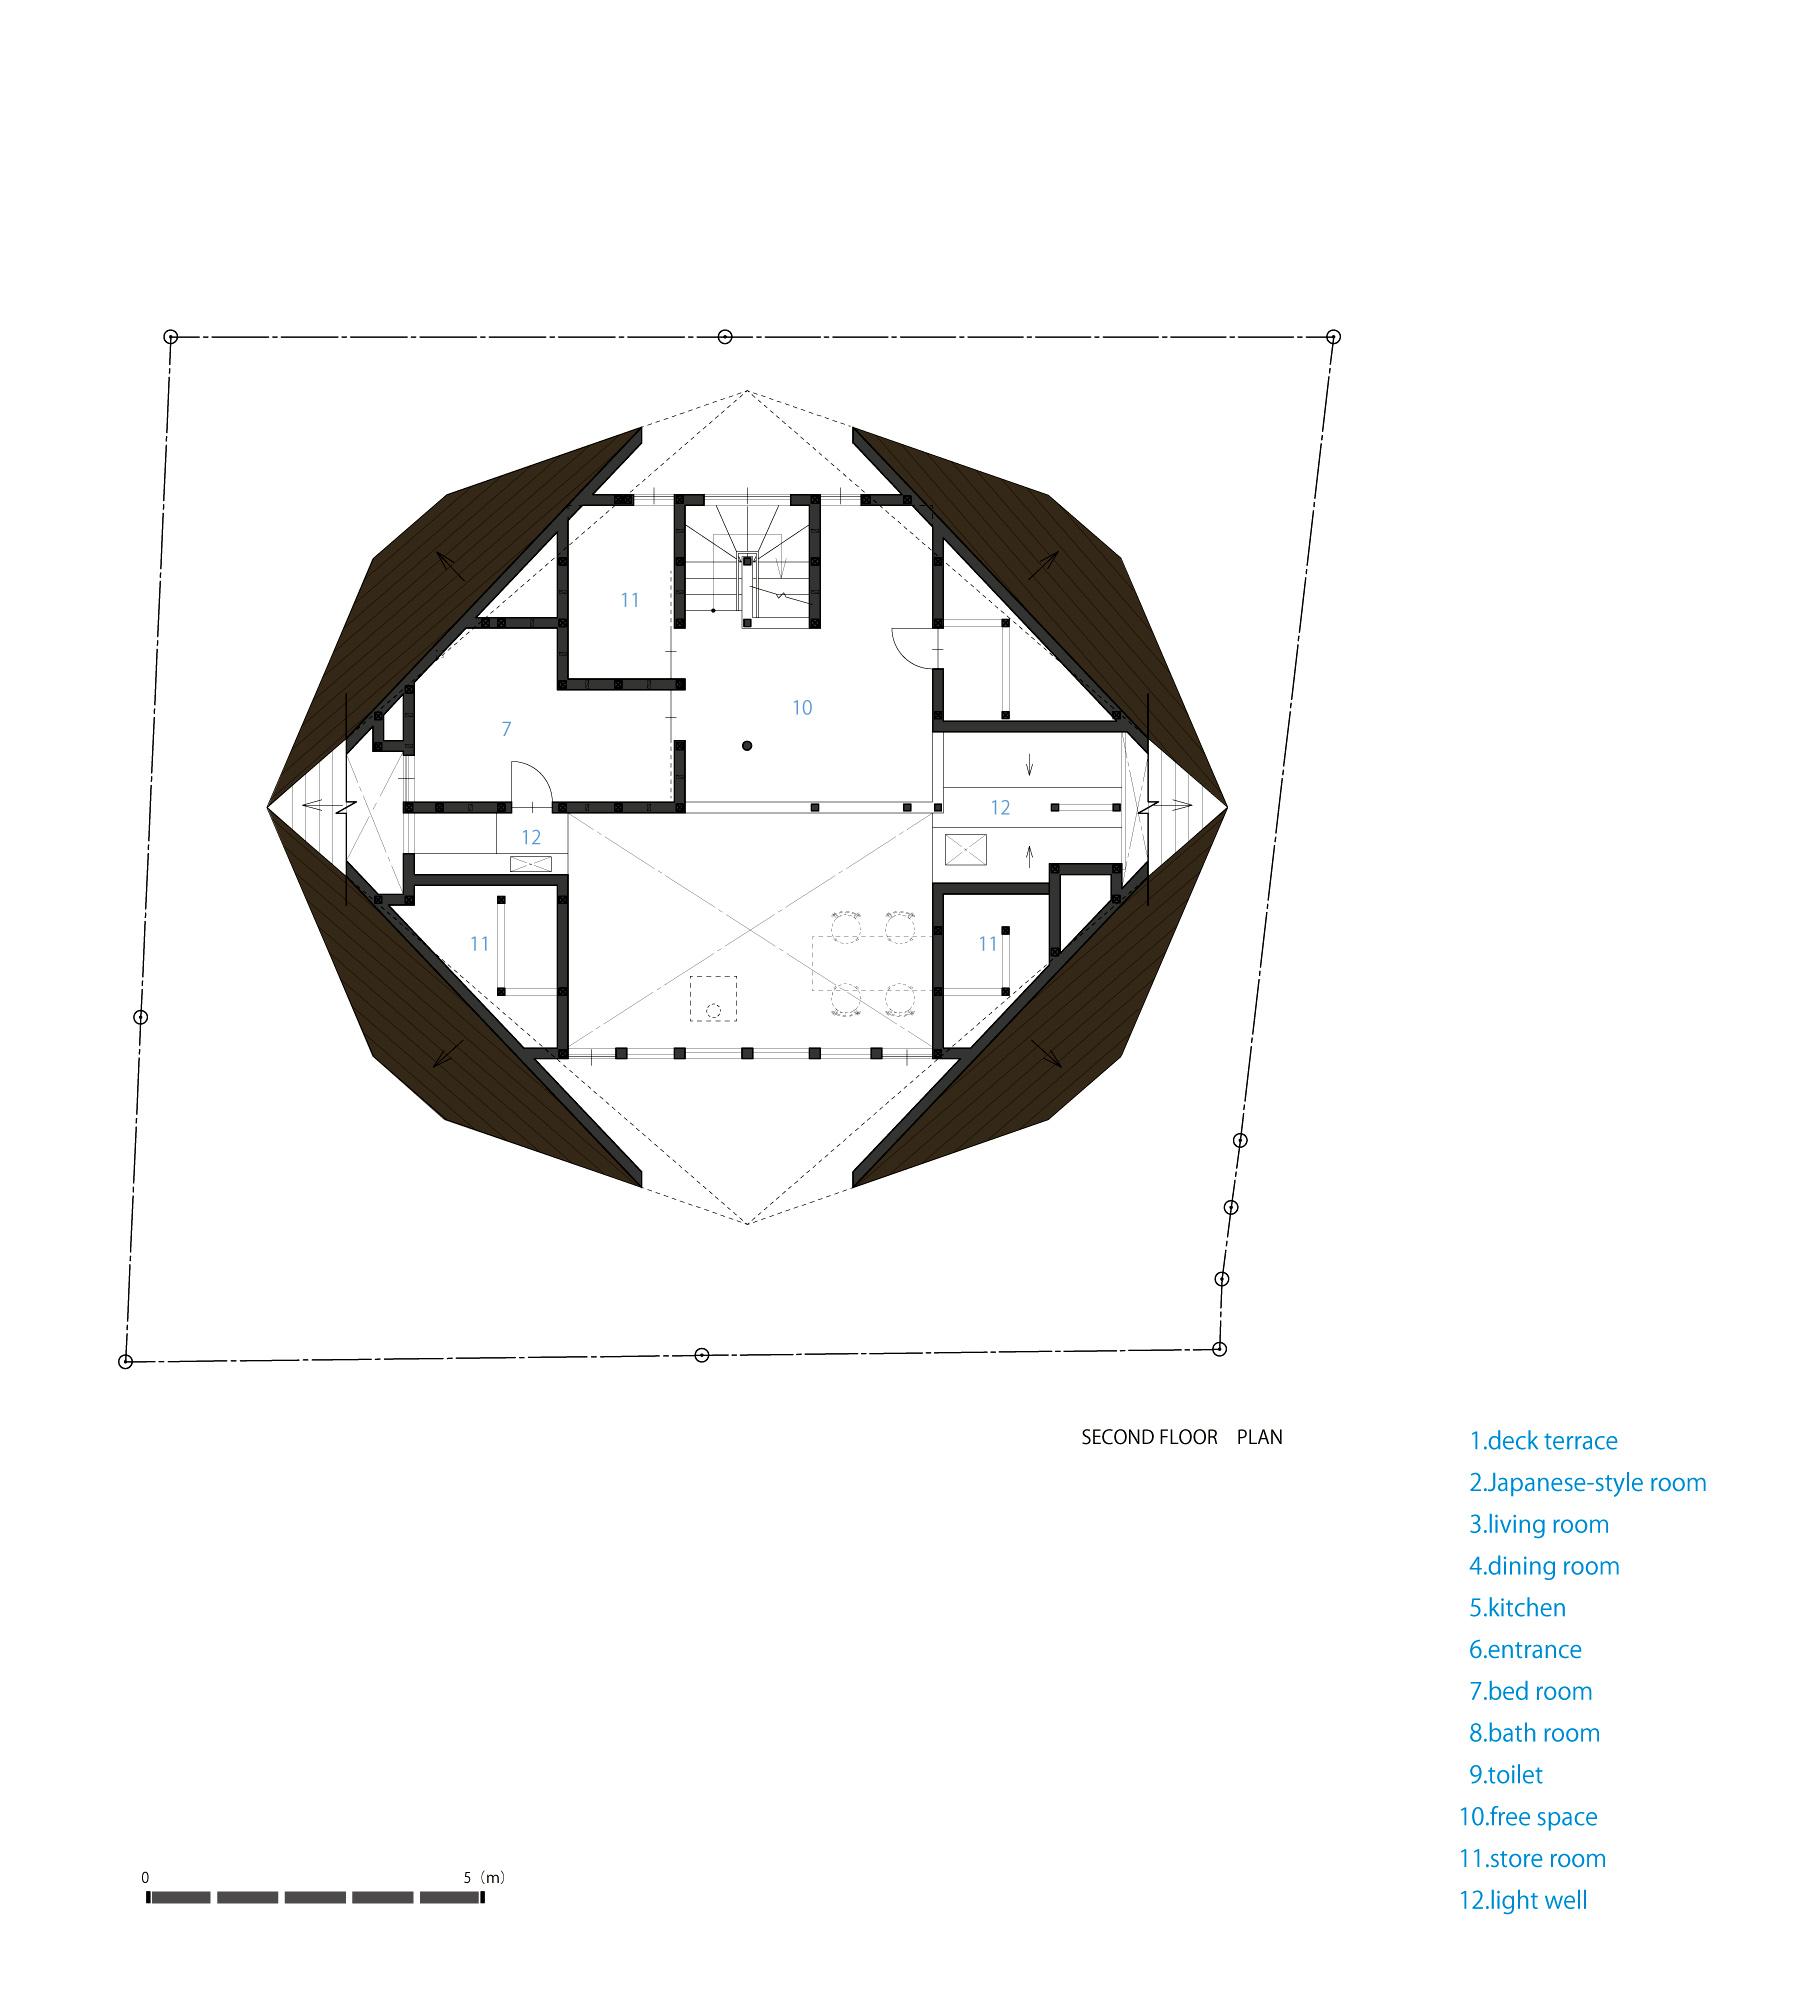 Planos de Casa Origami de TSC Architects